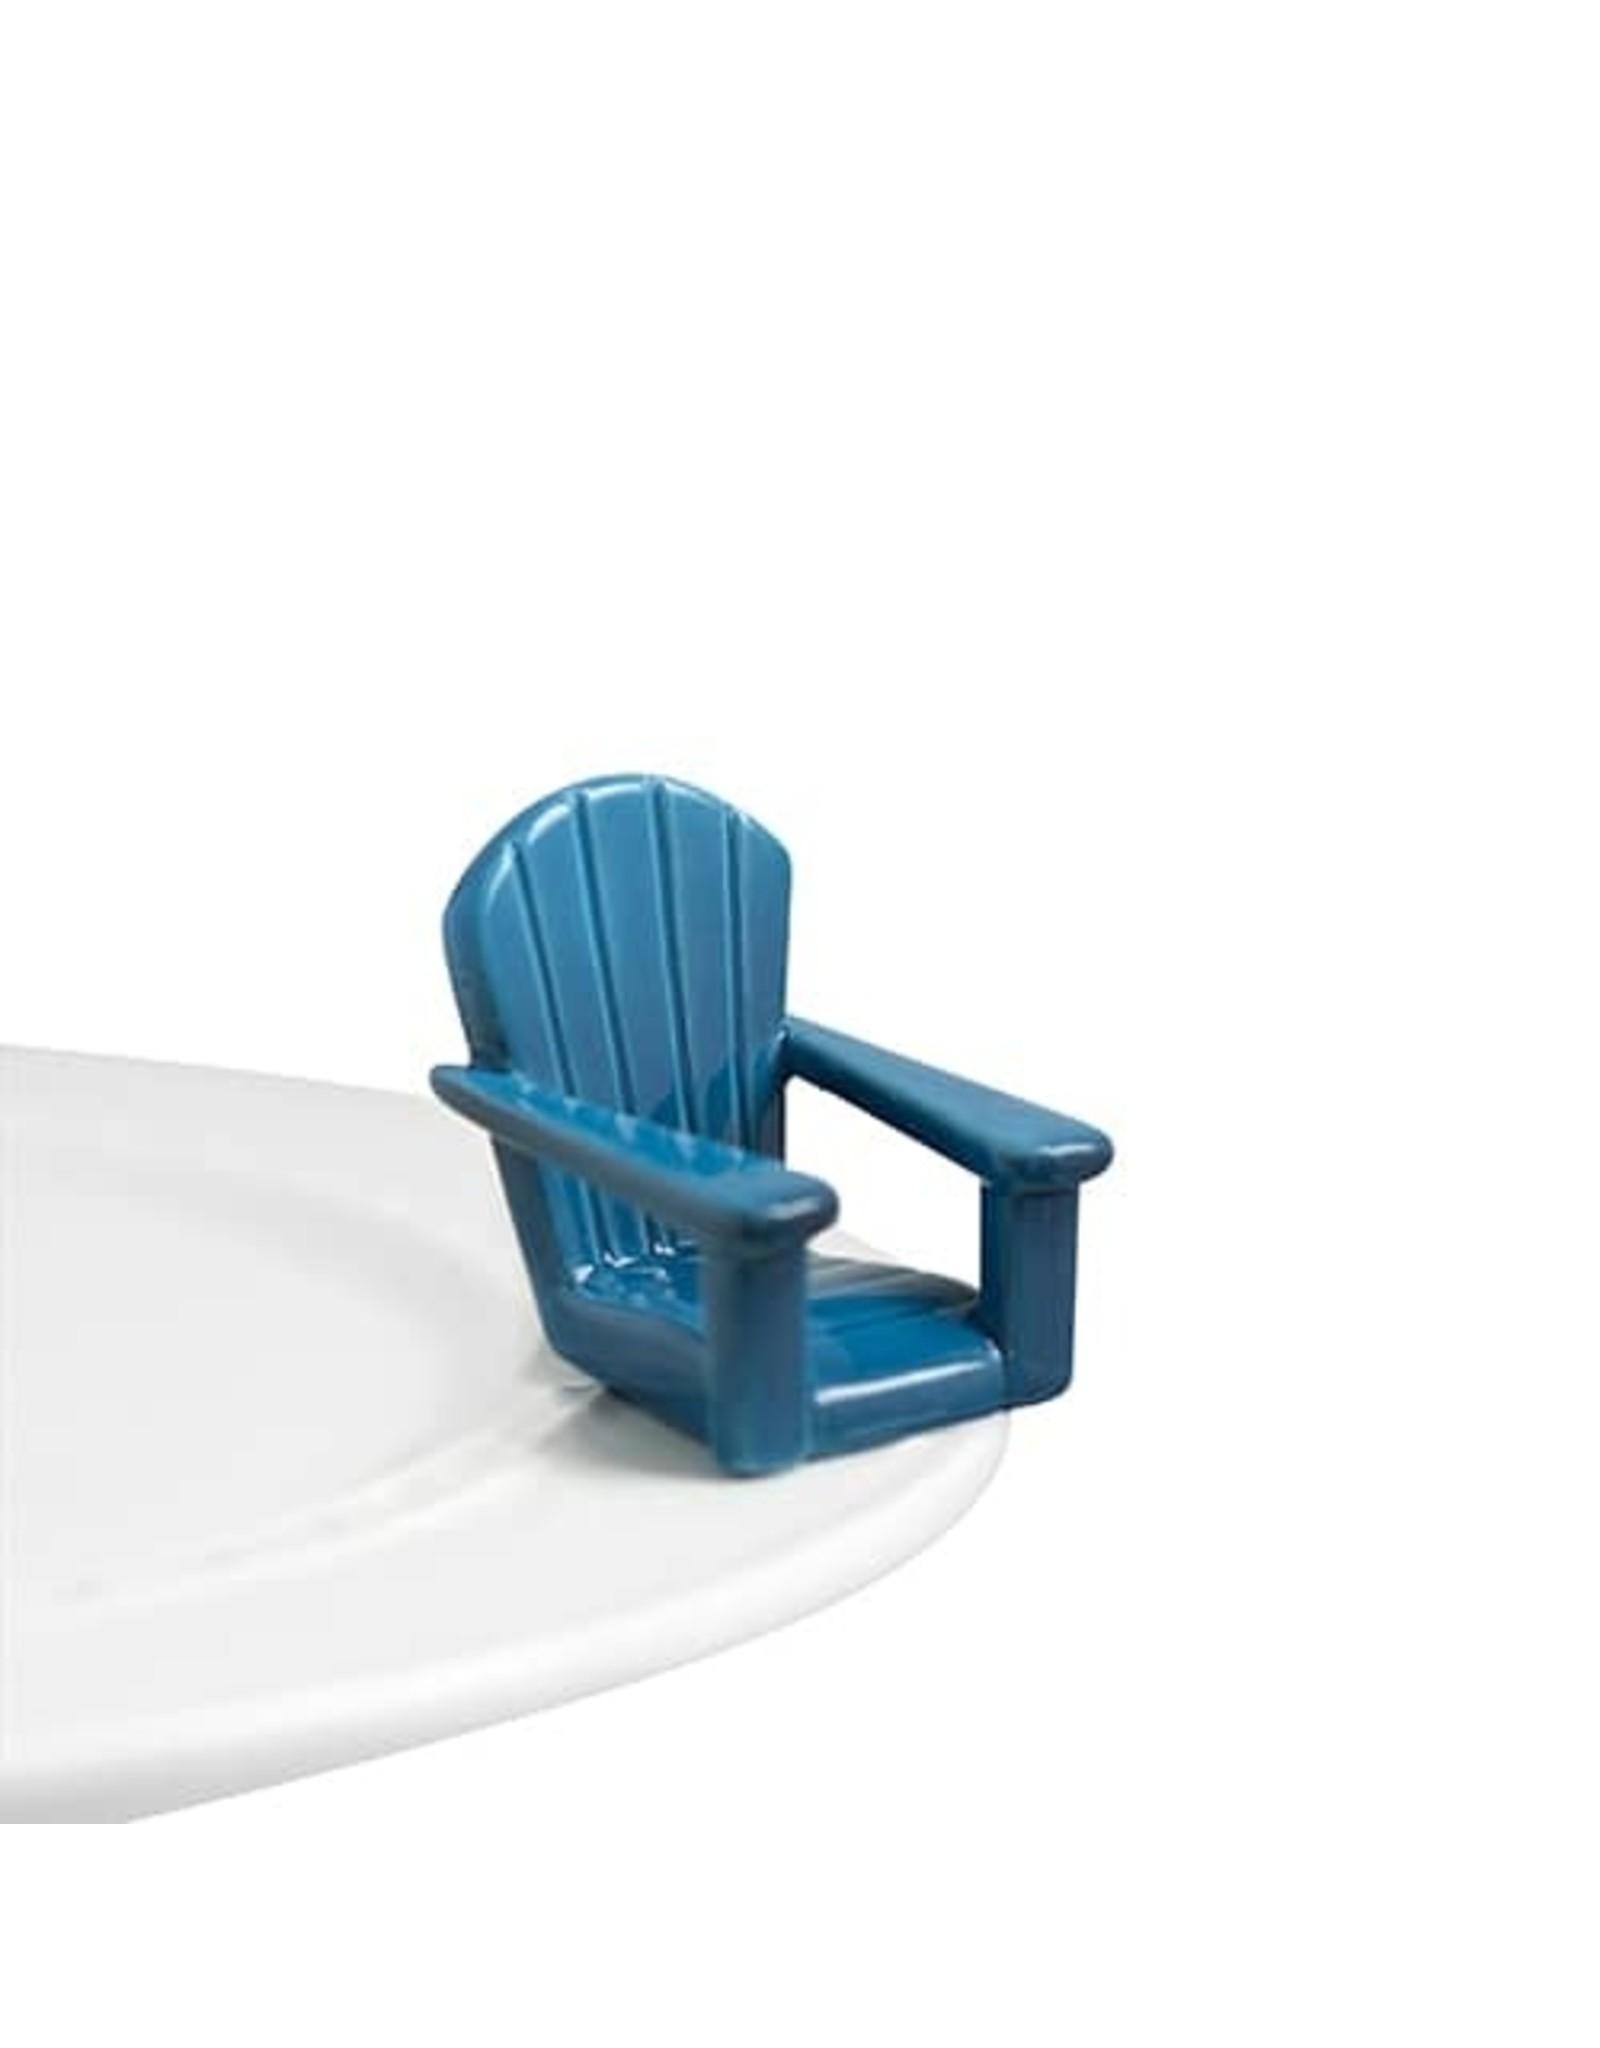 Chillin' blue chair (adirondack chair)